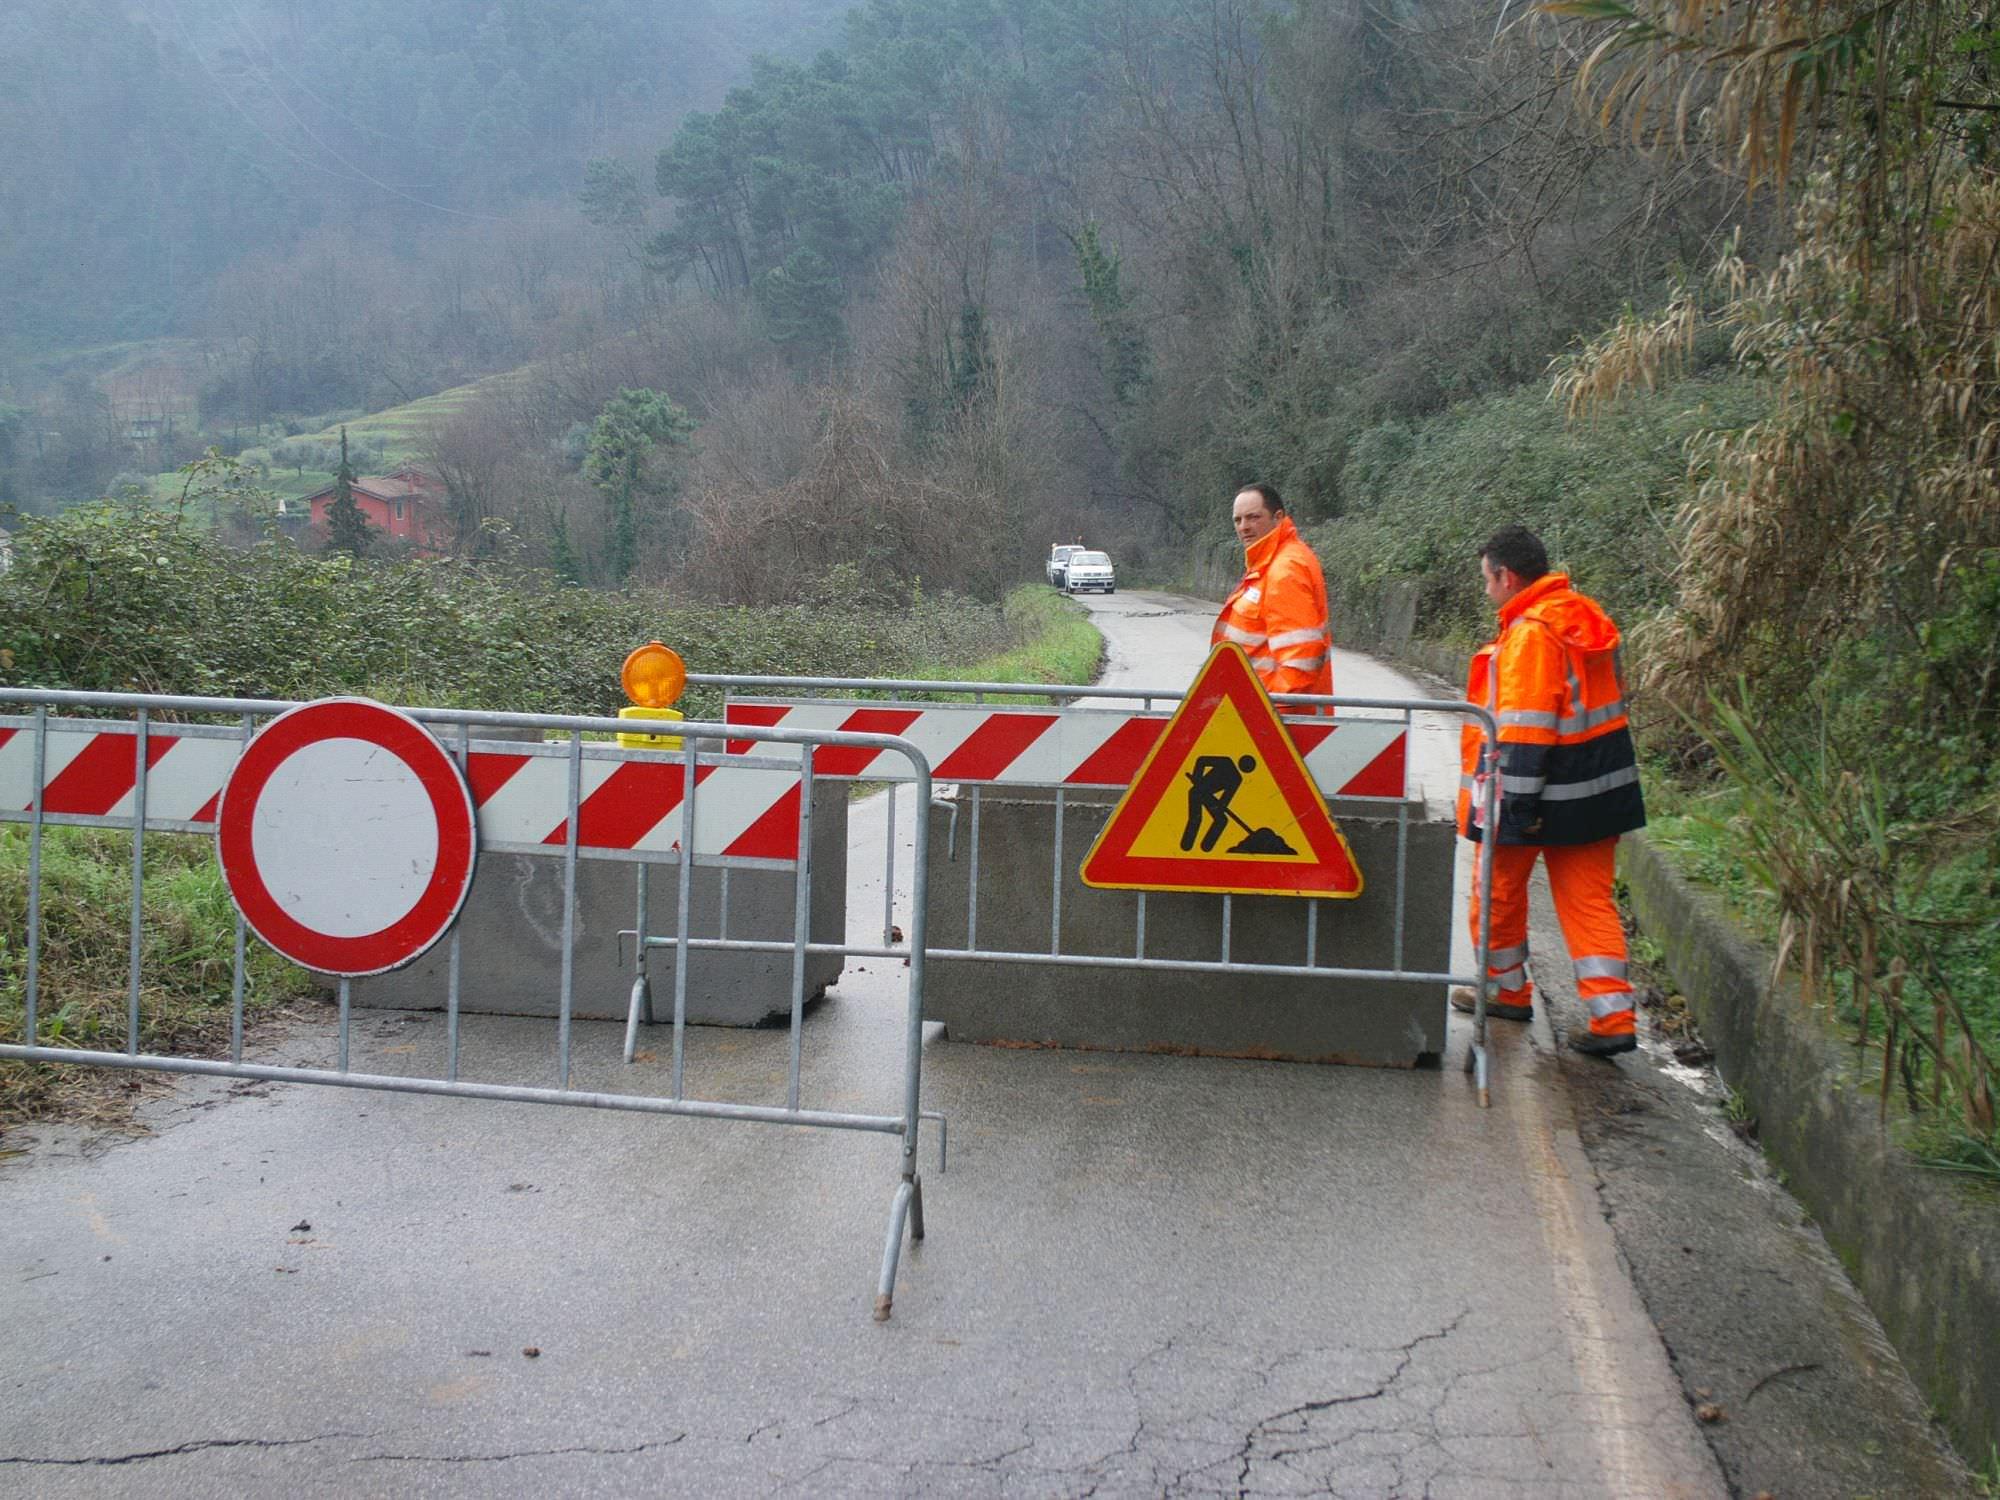 Resta chiusa al traffico la strada per Pedona: si asfalta dopo le frane di gennaio